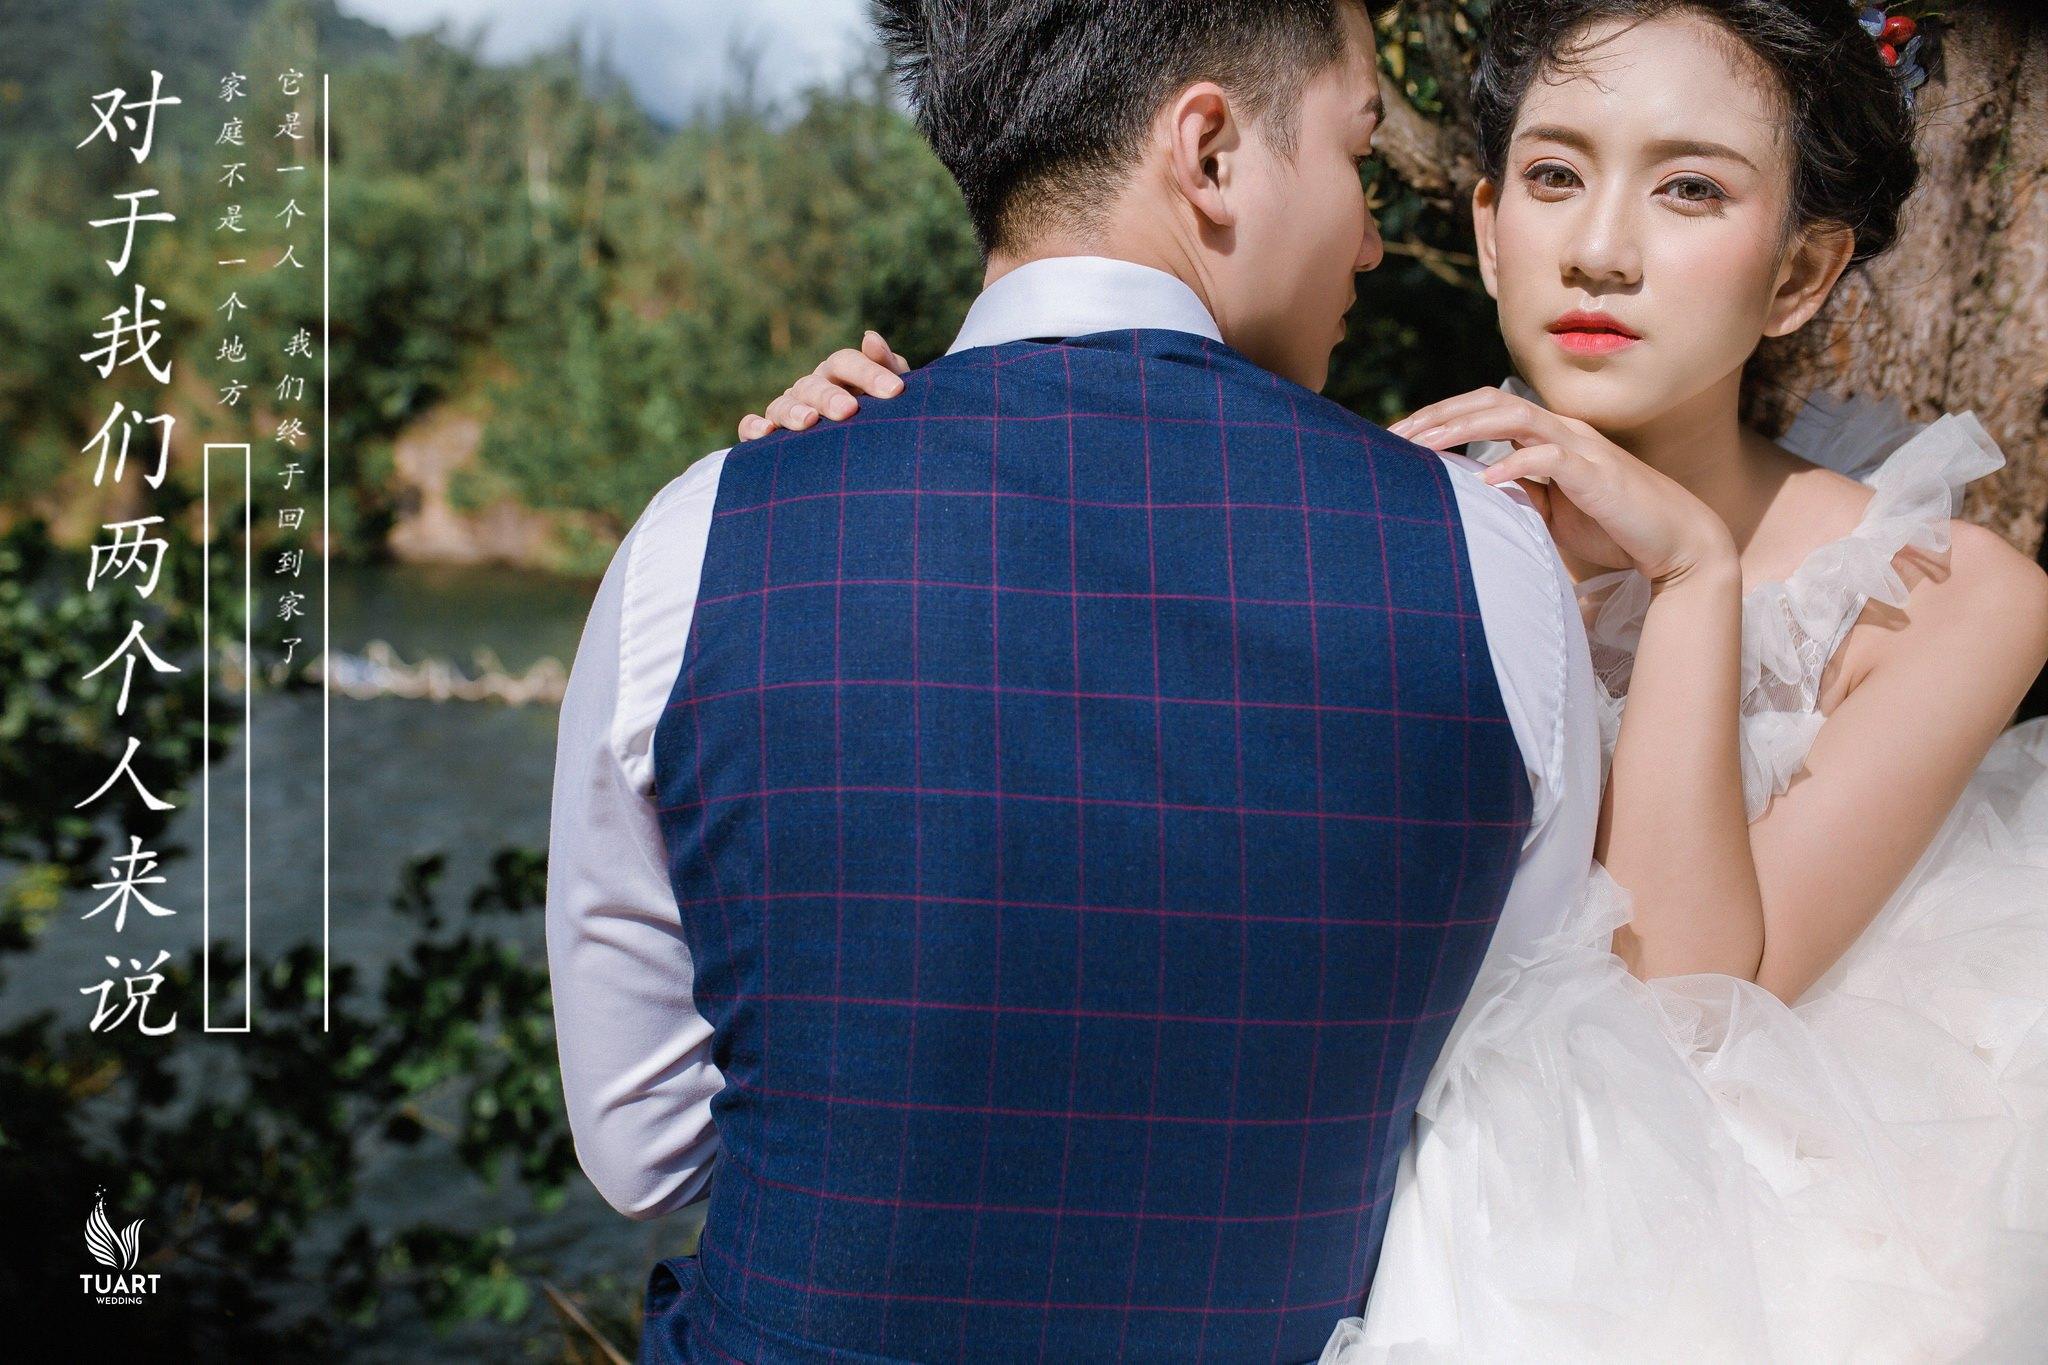 Album chụp ảnh cưới đẹp Hồ Xanh-Nắng đầu mùa 10